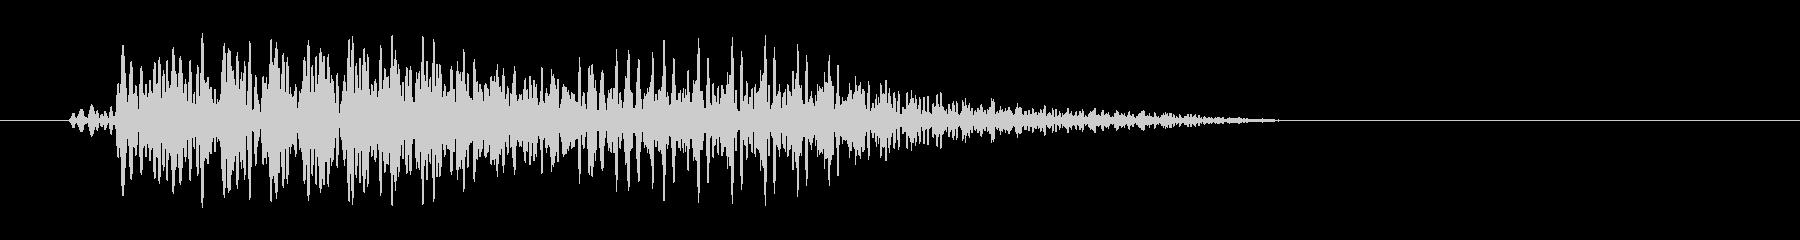 グワァ(短い鳴き声を連想させる効果音)の未再生の波形